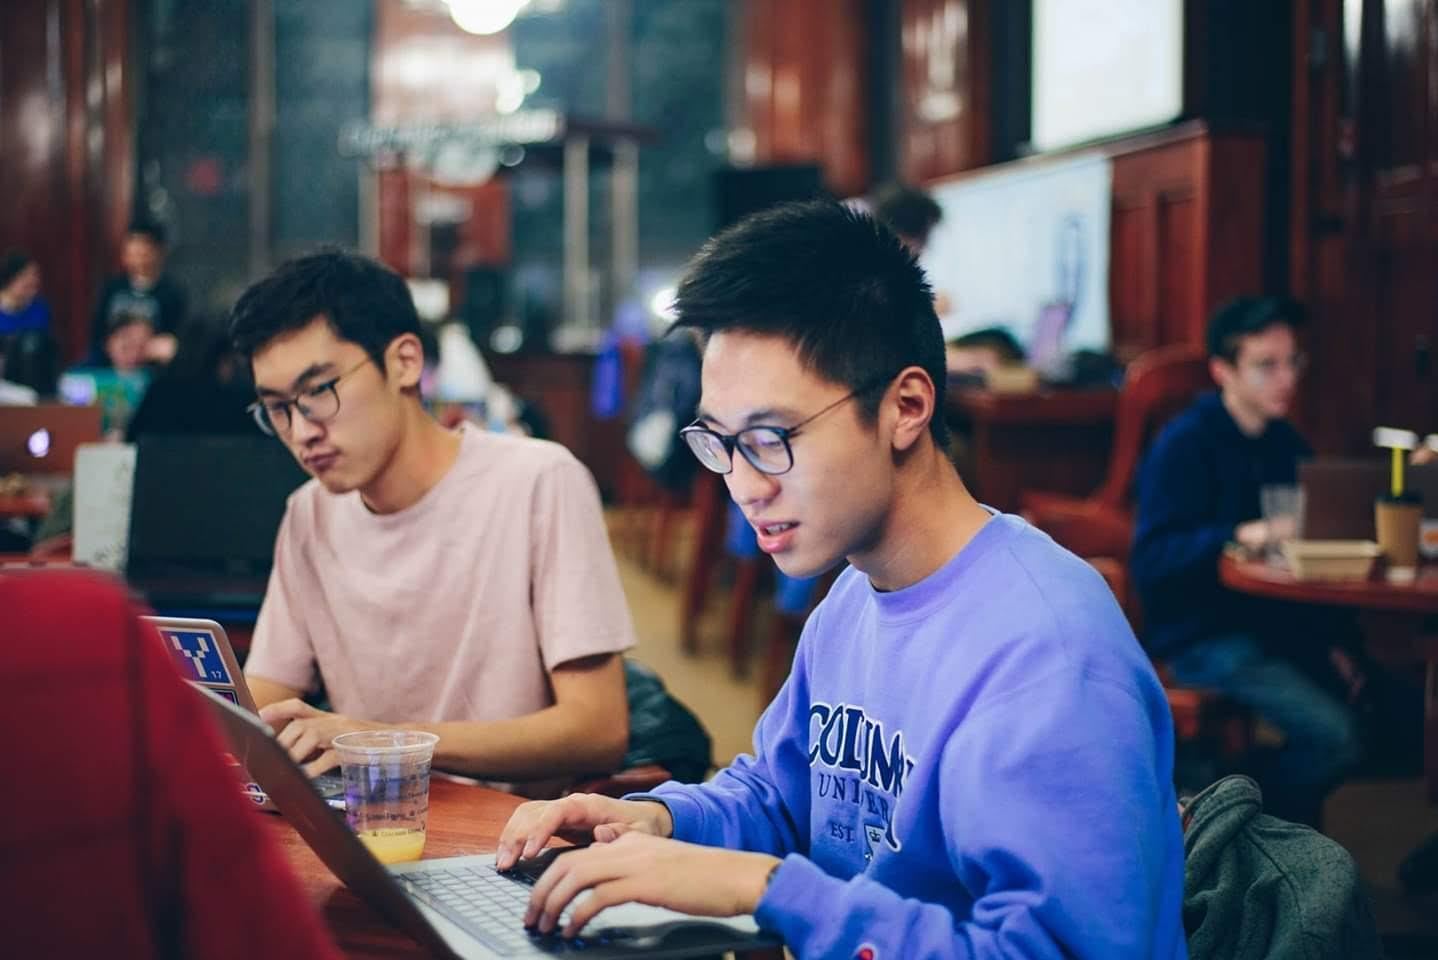 Jin Woo Won and Junyao Shi at the AP hackathon, hacking away as Jae played some music.